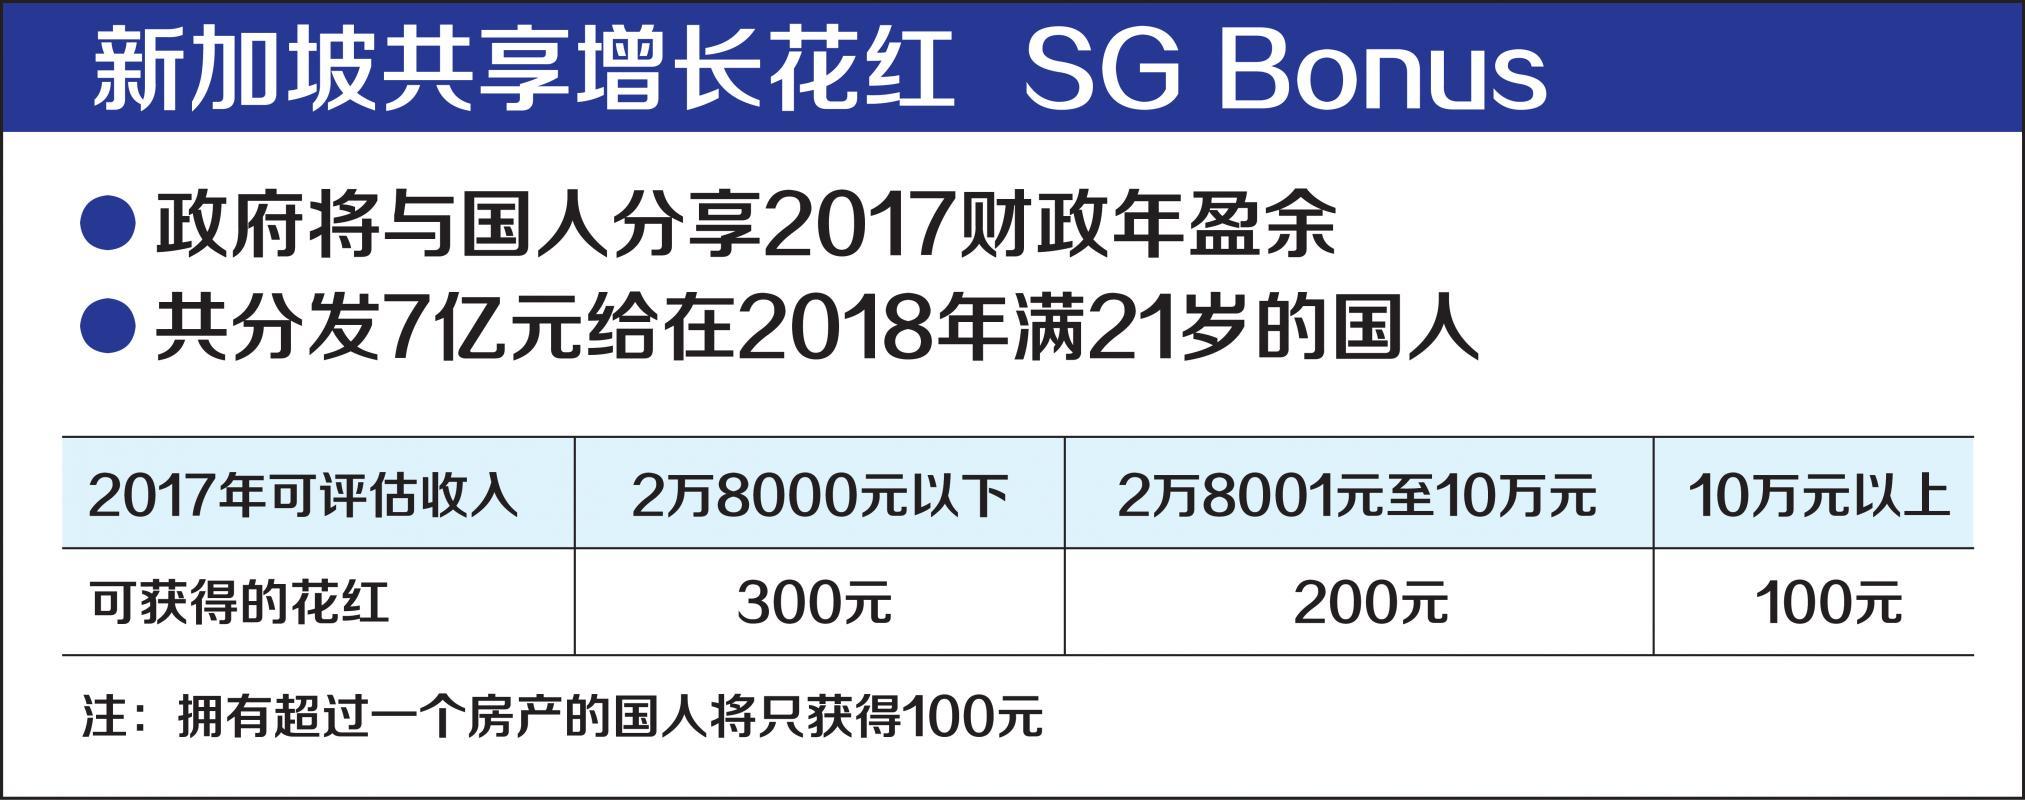 sg_bonus_Large.jpg